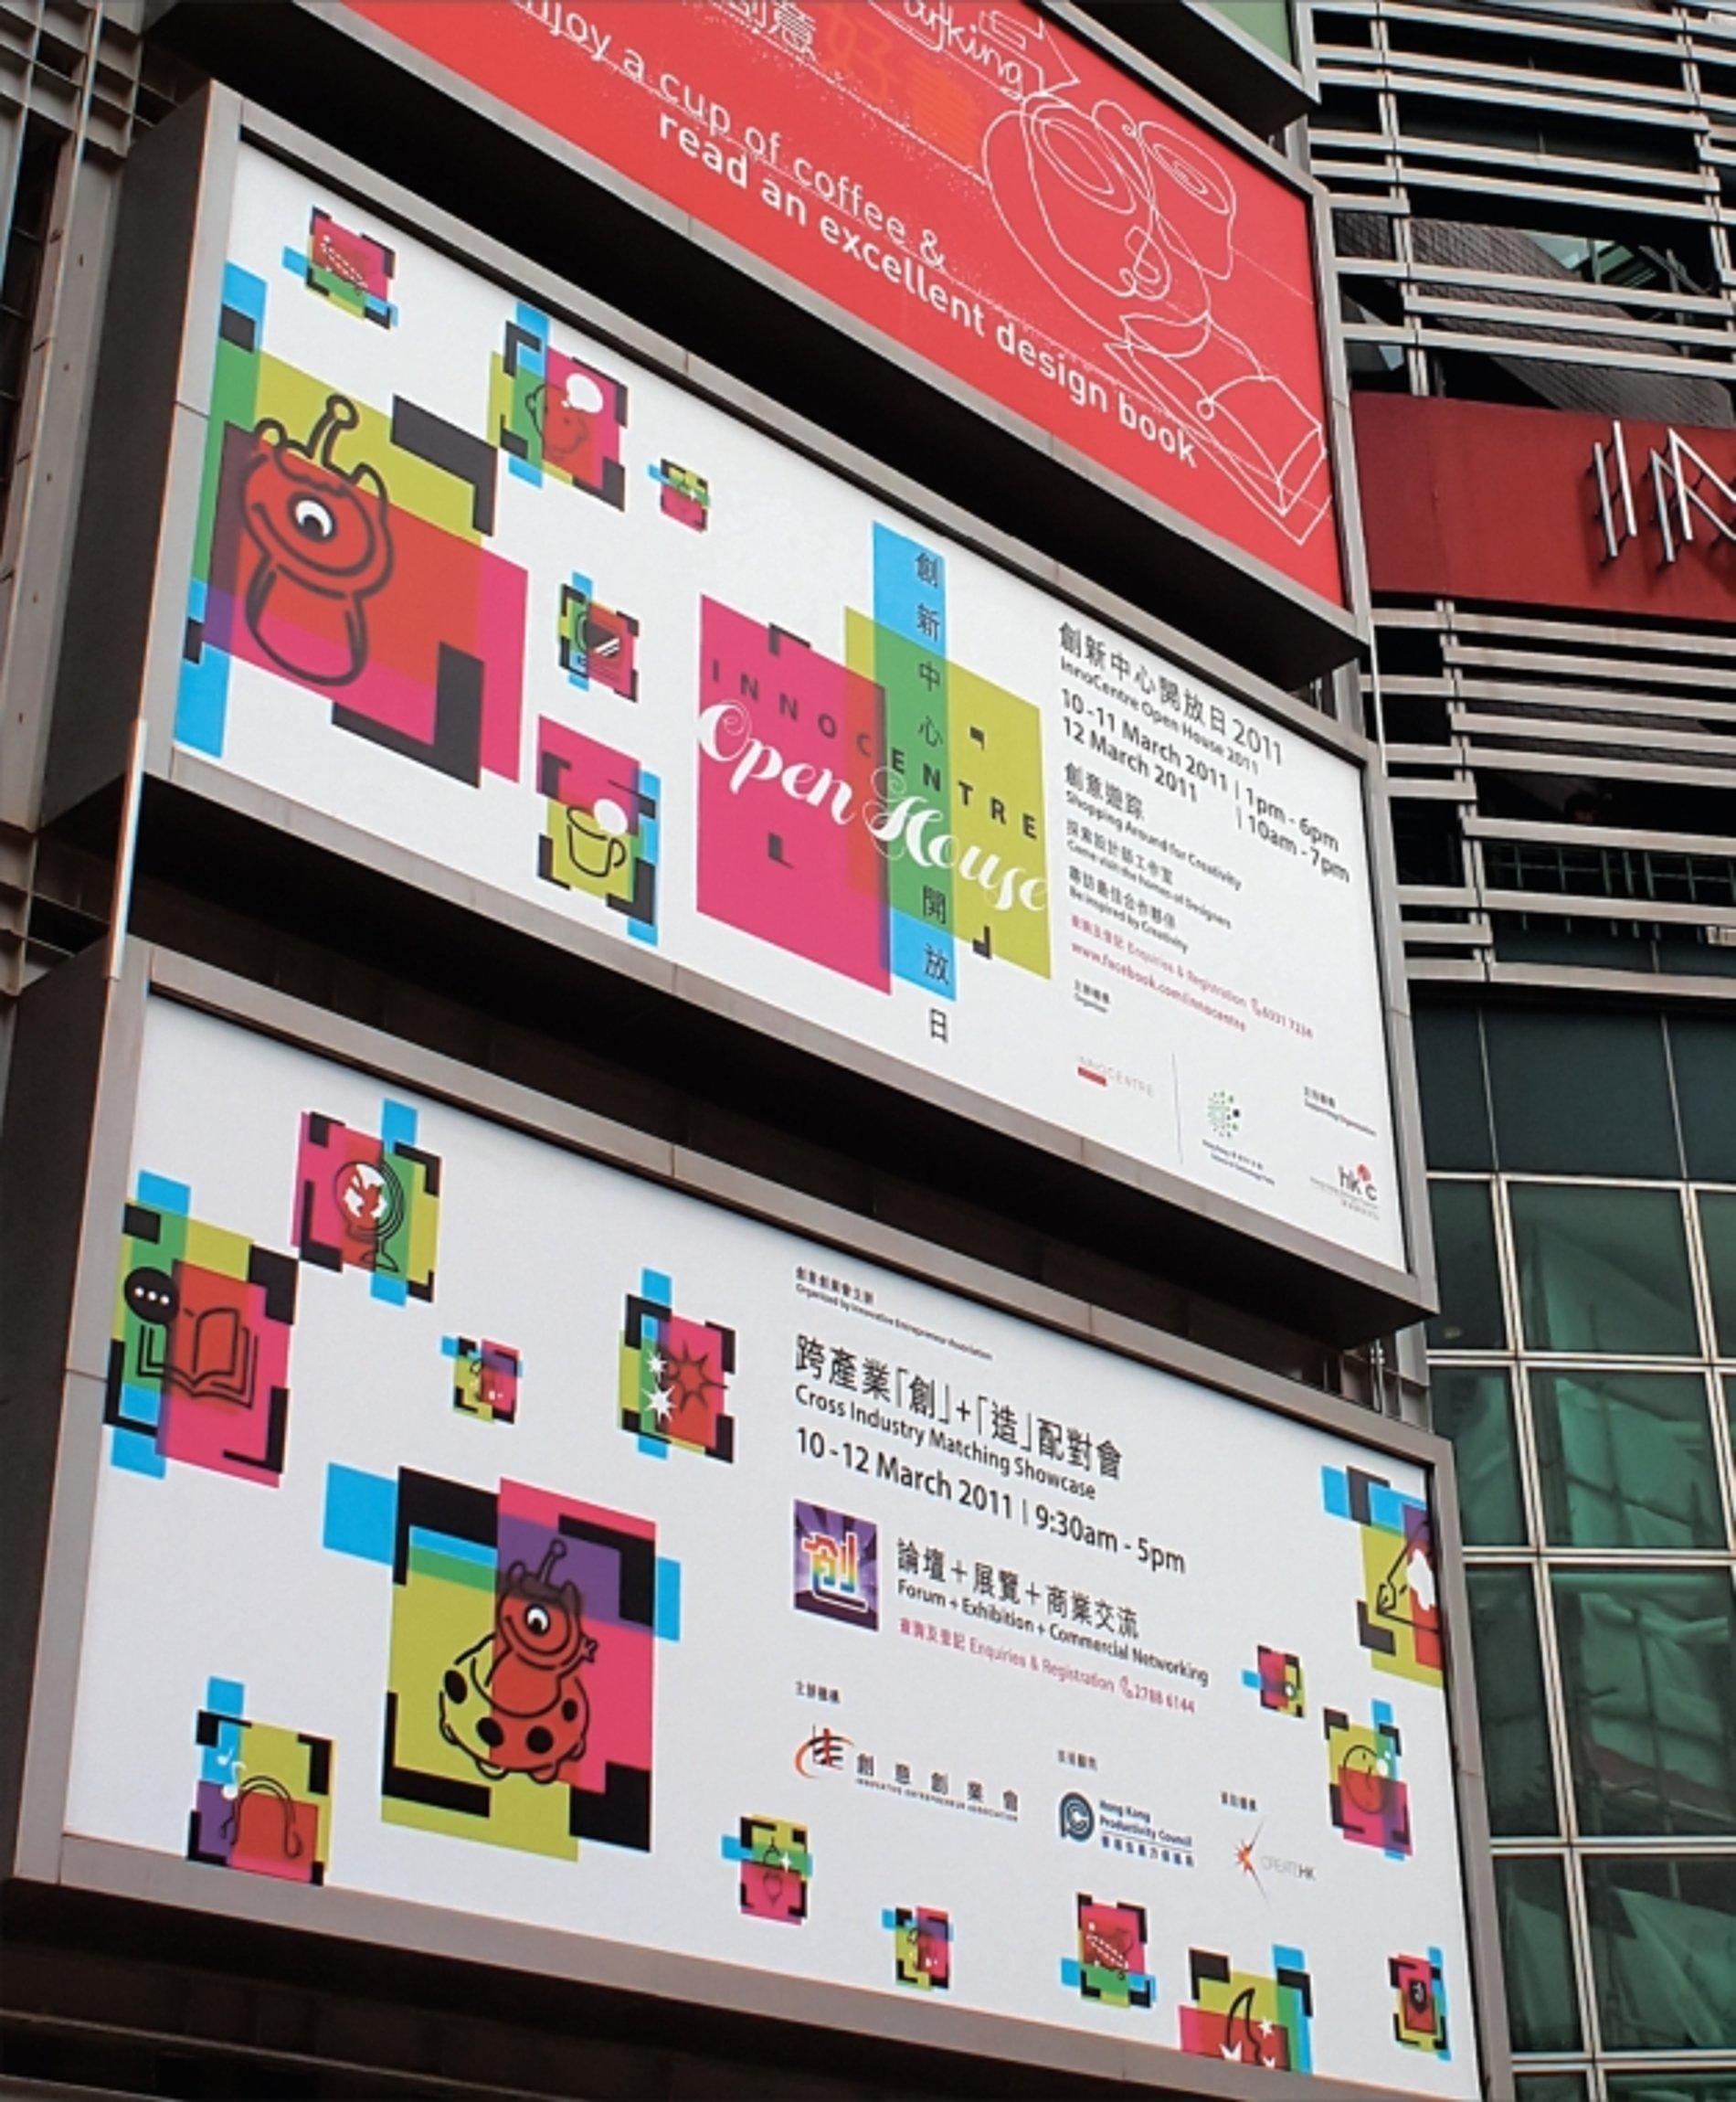 InnoCentre Open House 2011 | Red Dot Design Award